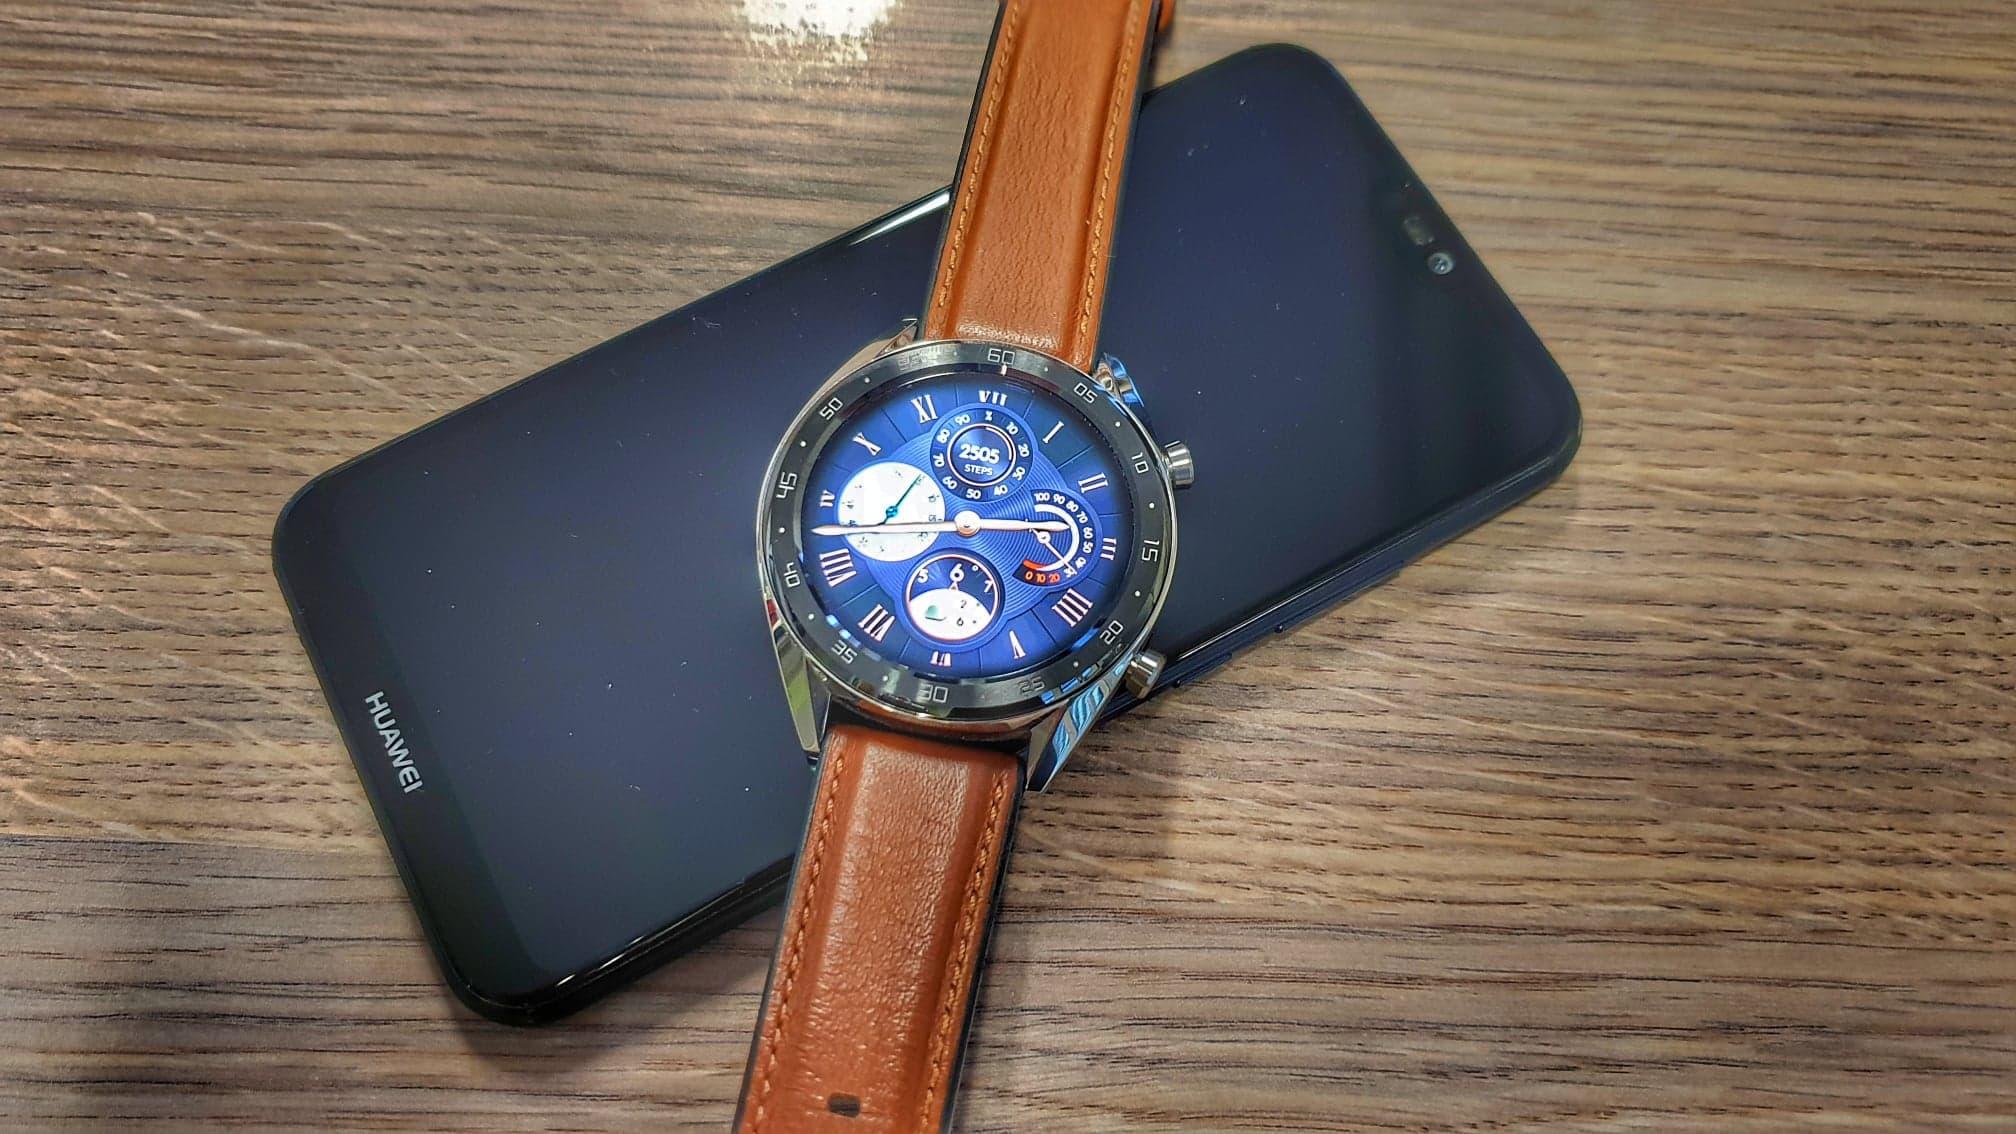 Chytré hodinky, které nemusíte každý týden nabíjet